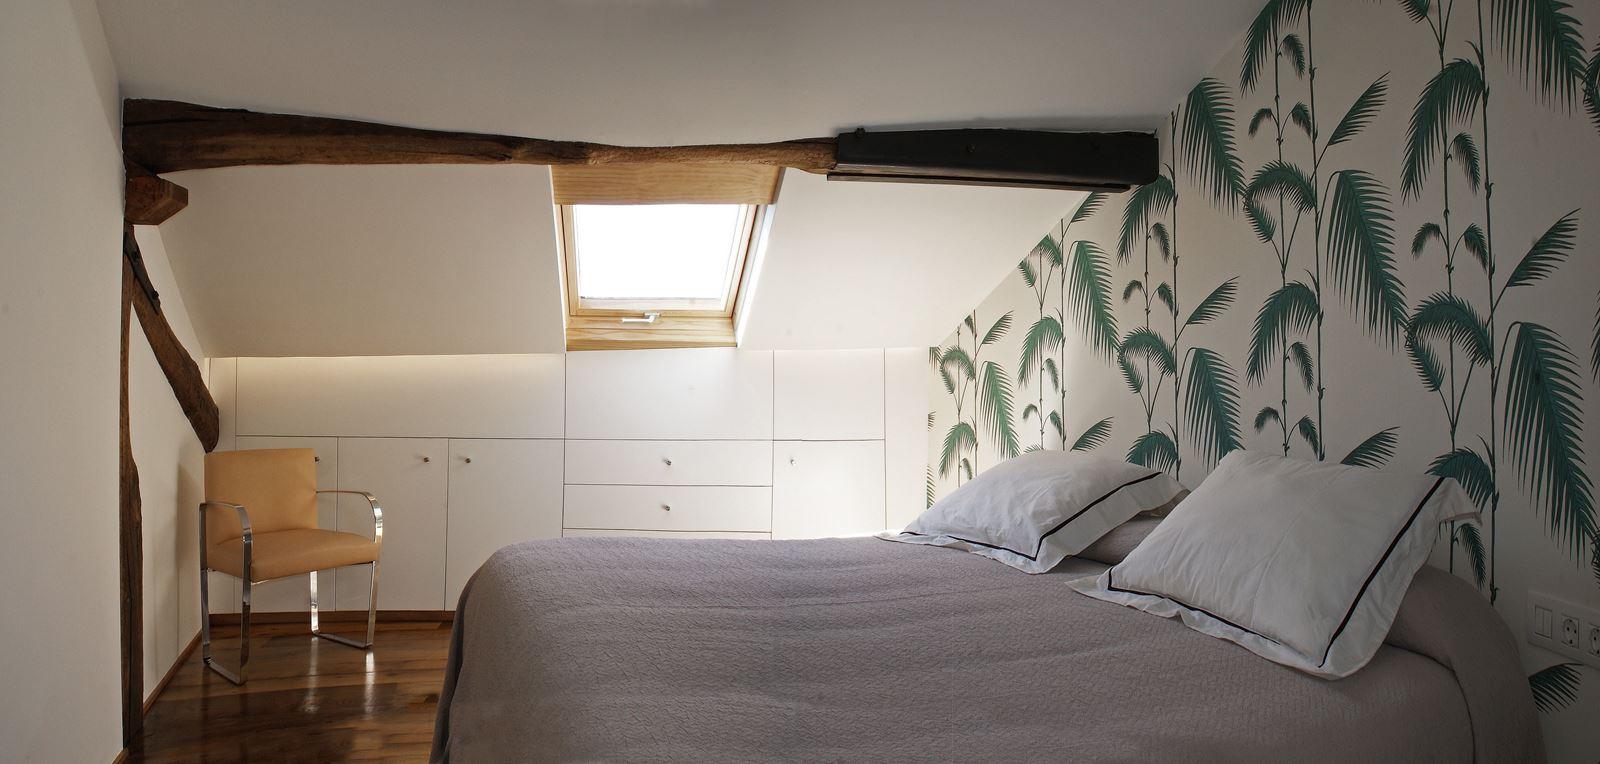 La riqualificazione di una piccola mansarda in spagna for 5 piani di camera da letto 4 bagni